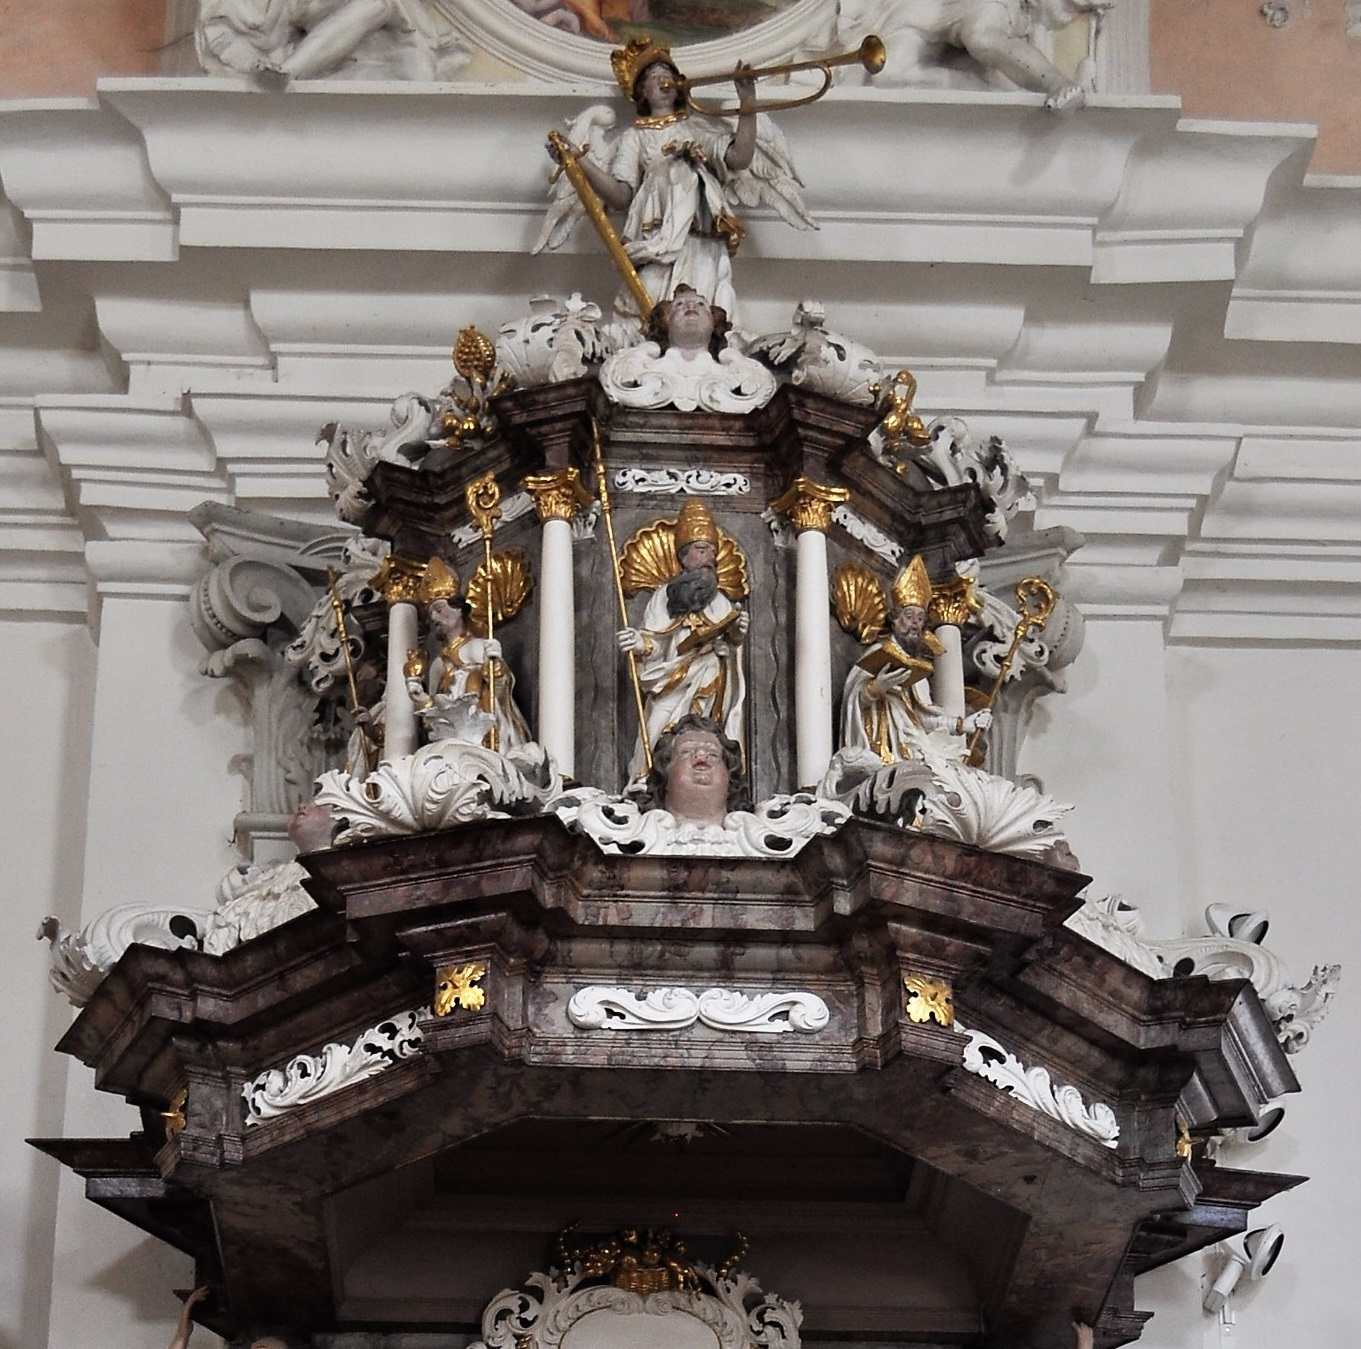 Schalldeckel der Kanzel (Johannes der Täufer, Kirchenväter, Erzengel Michael)